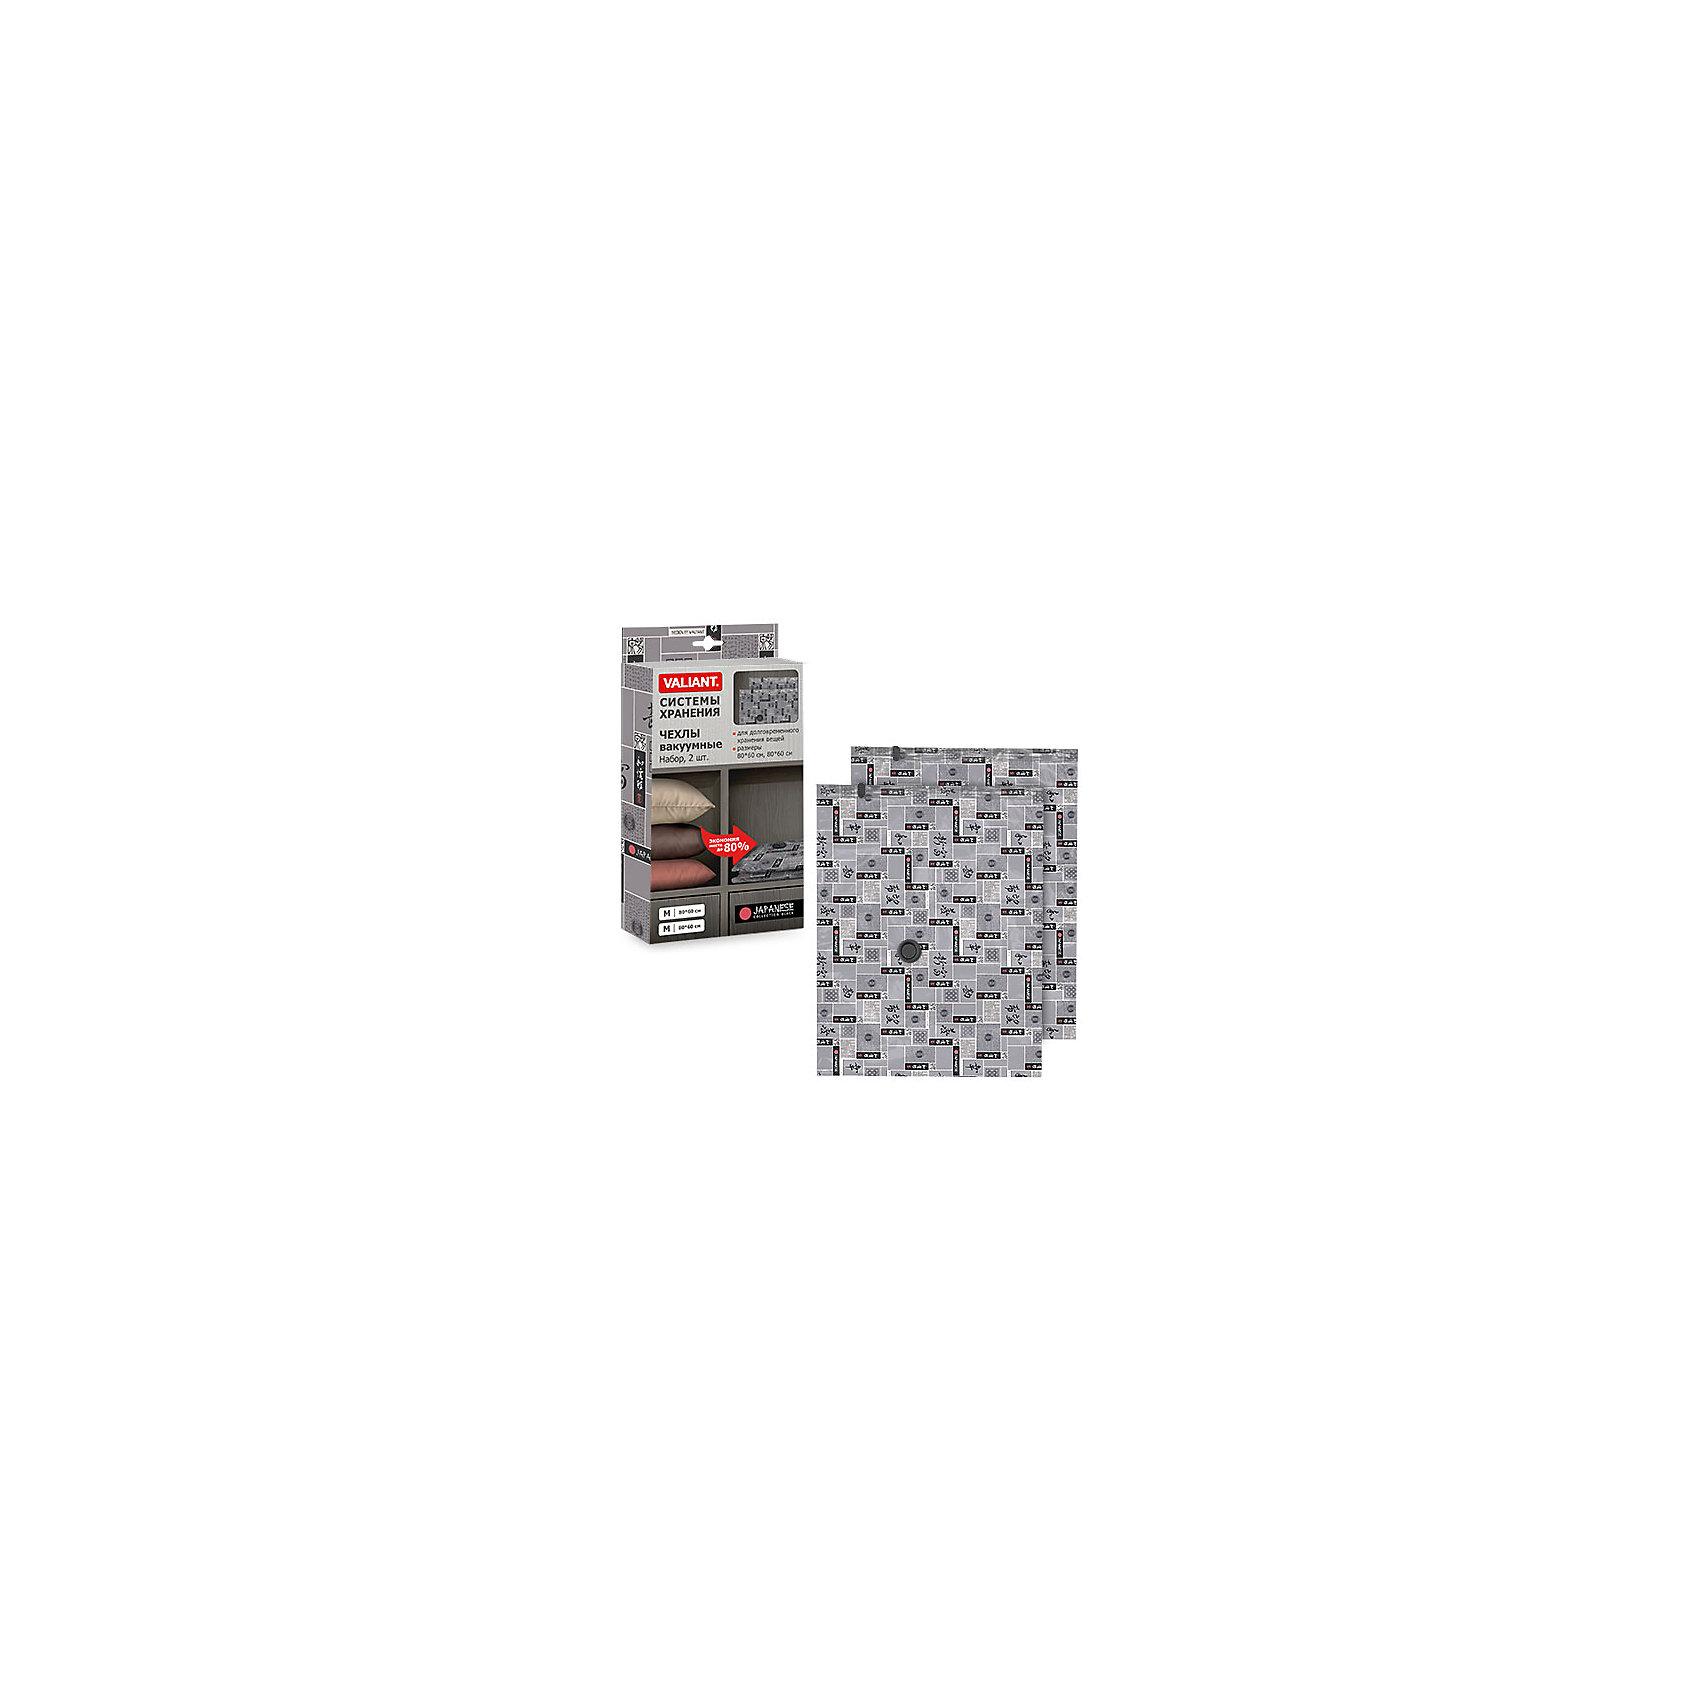 Набор чехлов с клапаном для вакуумного хранения, 2 шт, 80*60 см, JAPANESE BLACK, Valiant